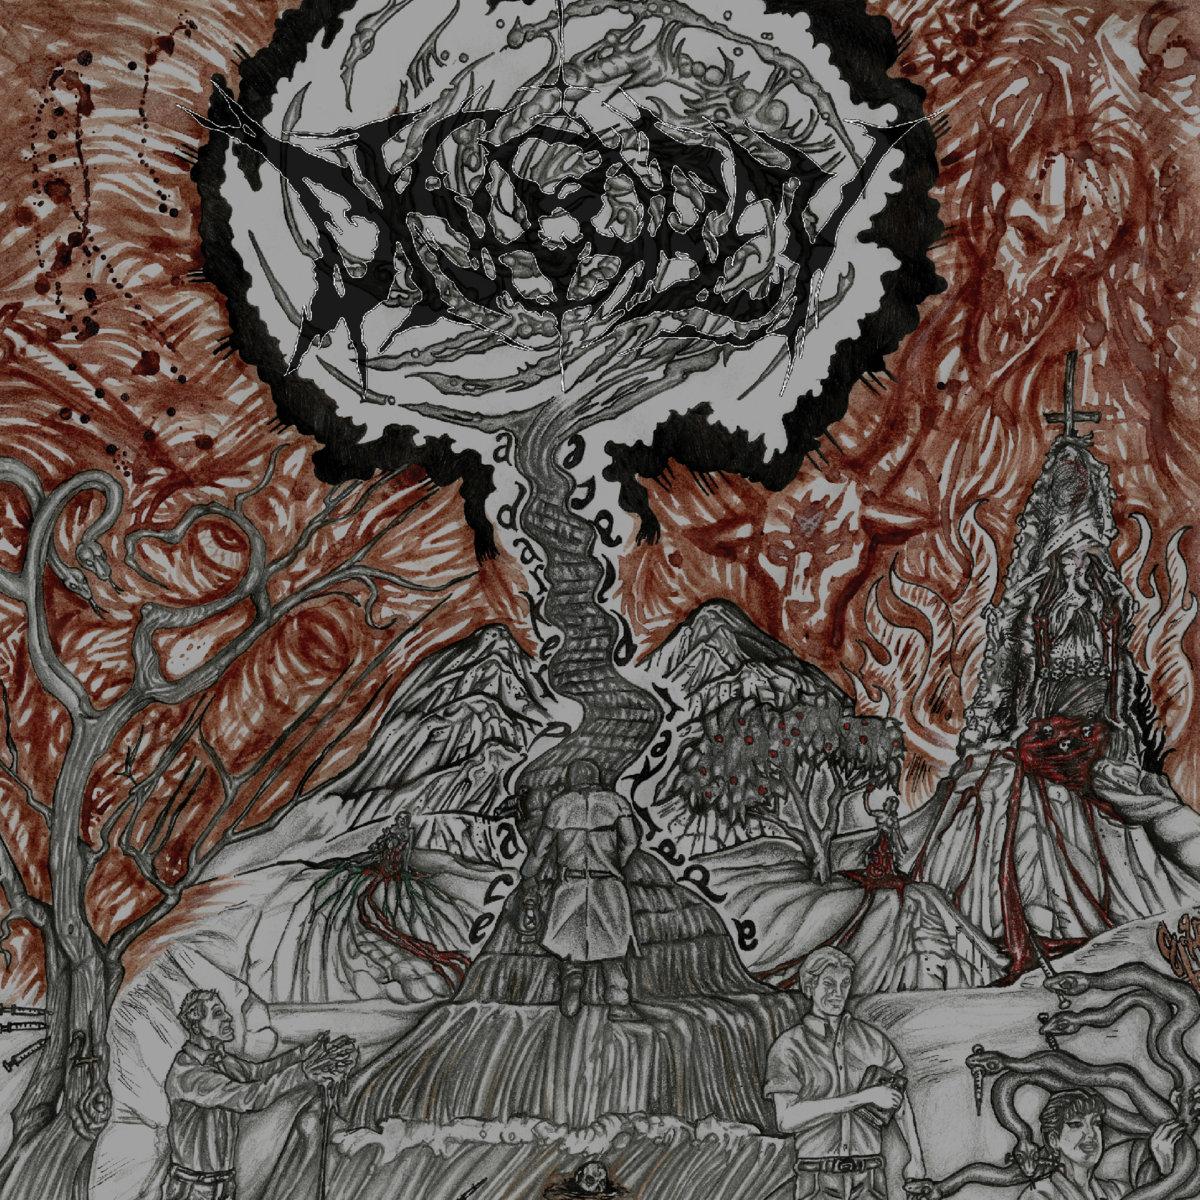 https://disobeyblackmetal.bandcamp.com/album/a-darker-place